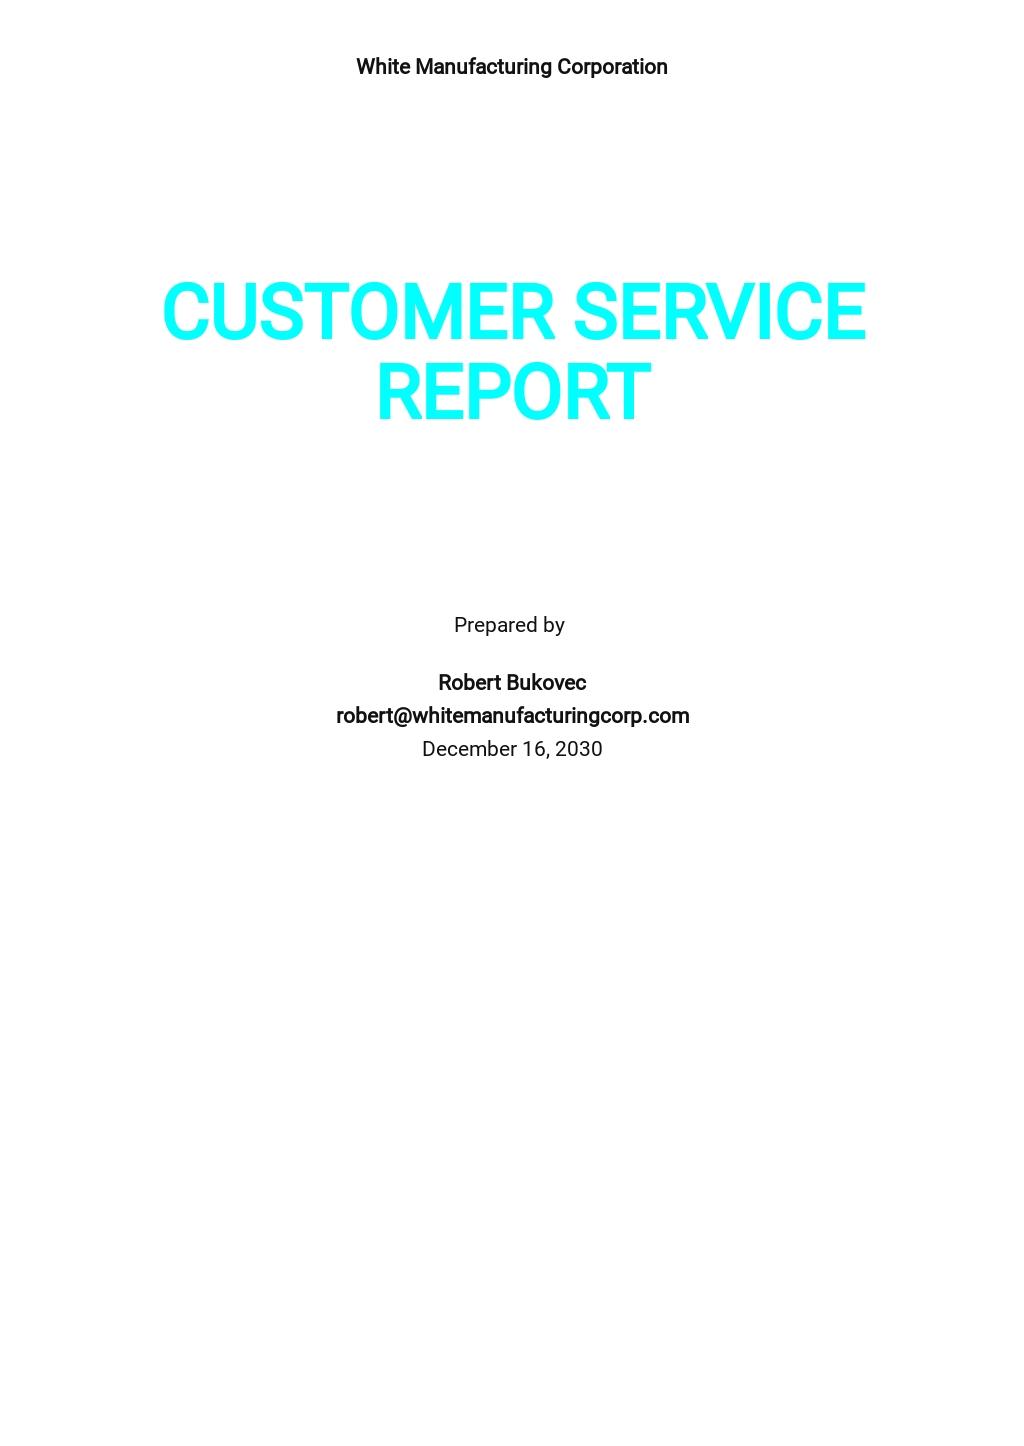 Simple Customer Service Report Template